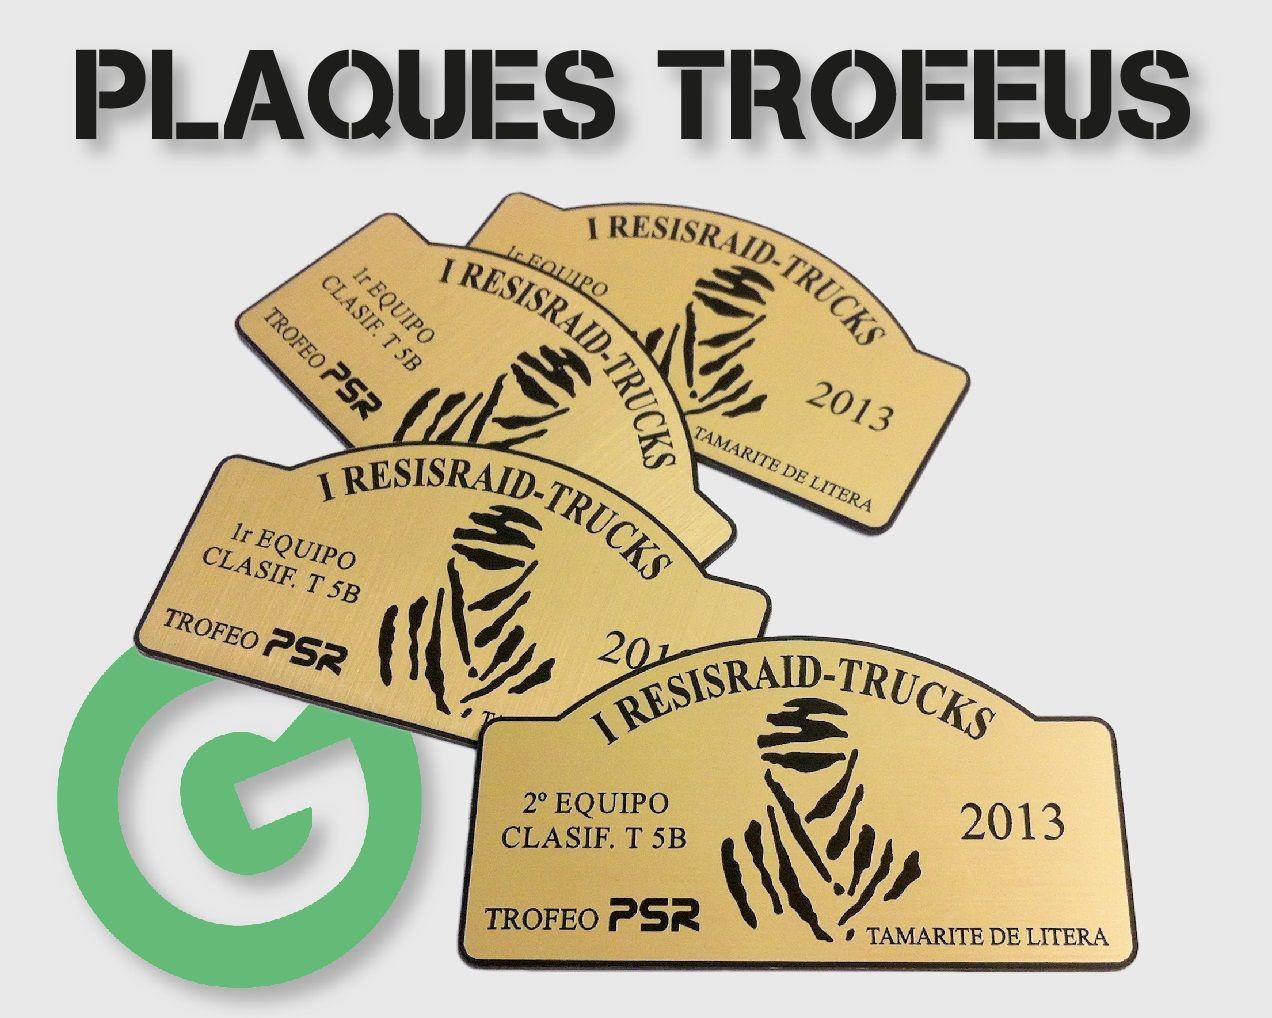 Placas para trofeos